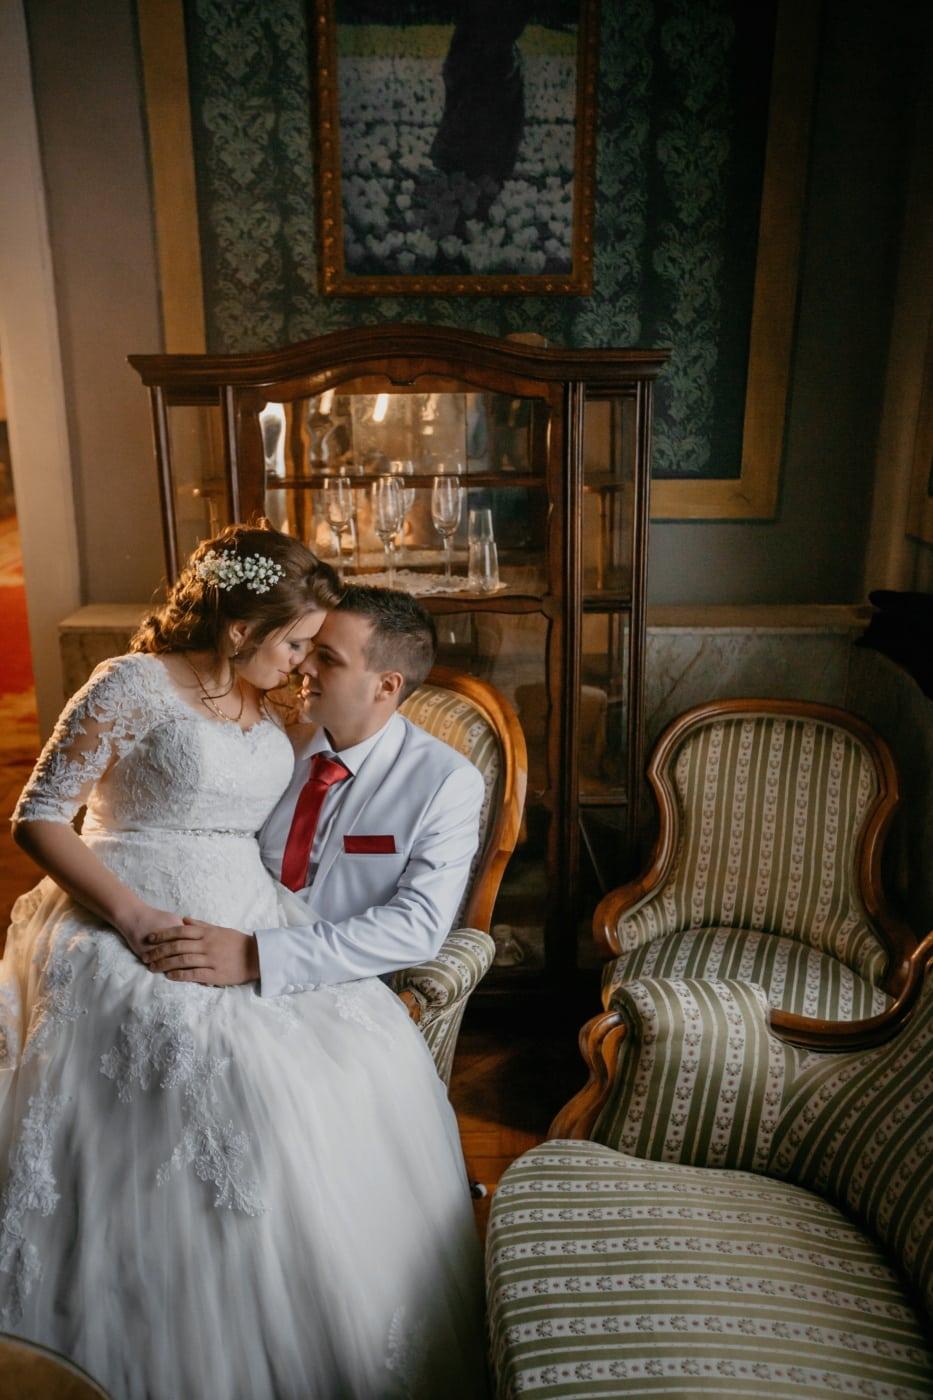 музей, булката, младоженец, седи, фантазия, мебели, сватба, хора, жена, стая